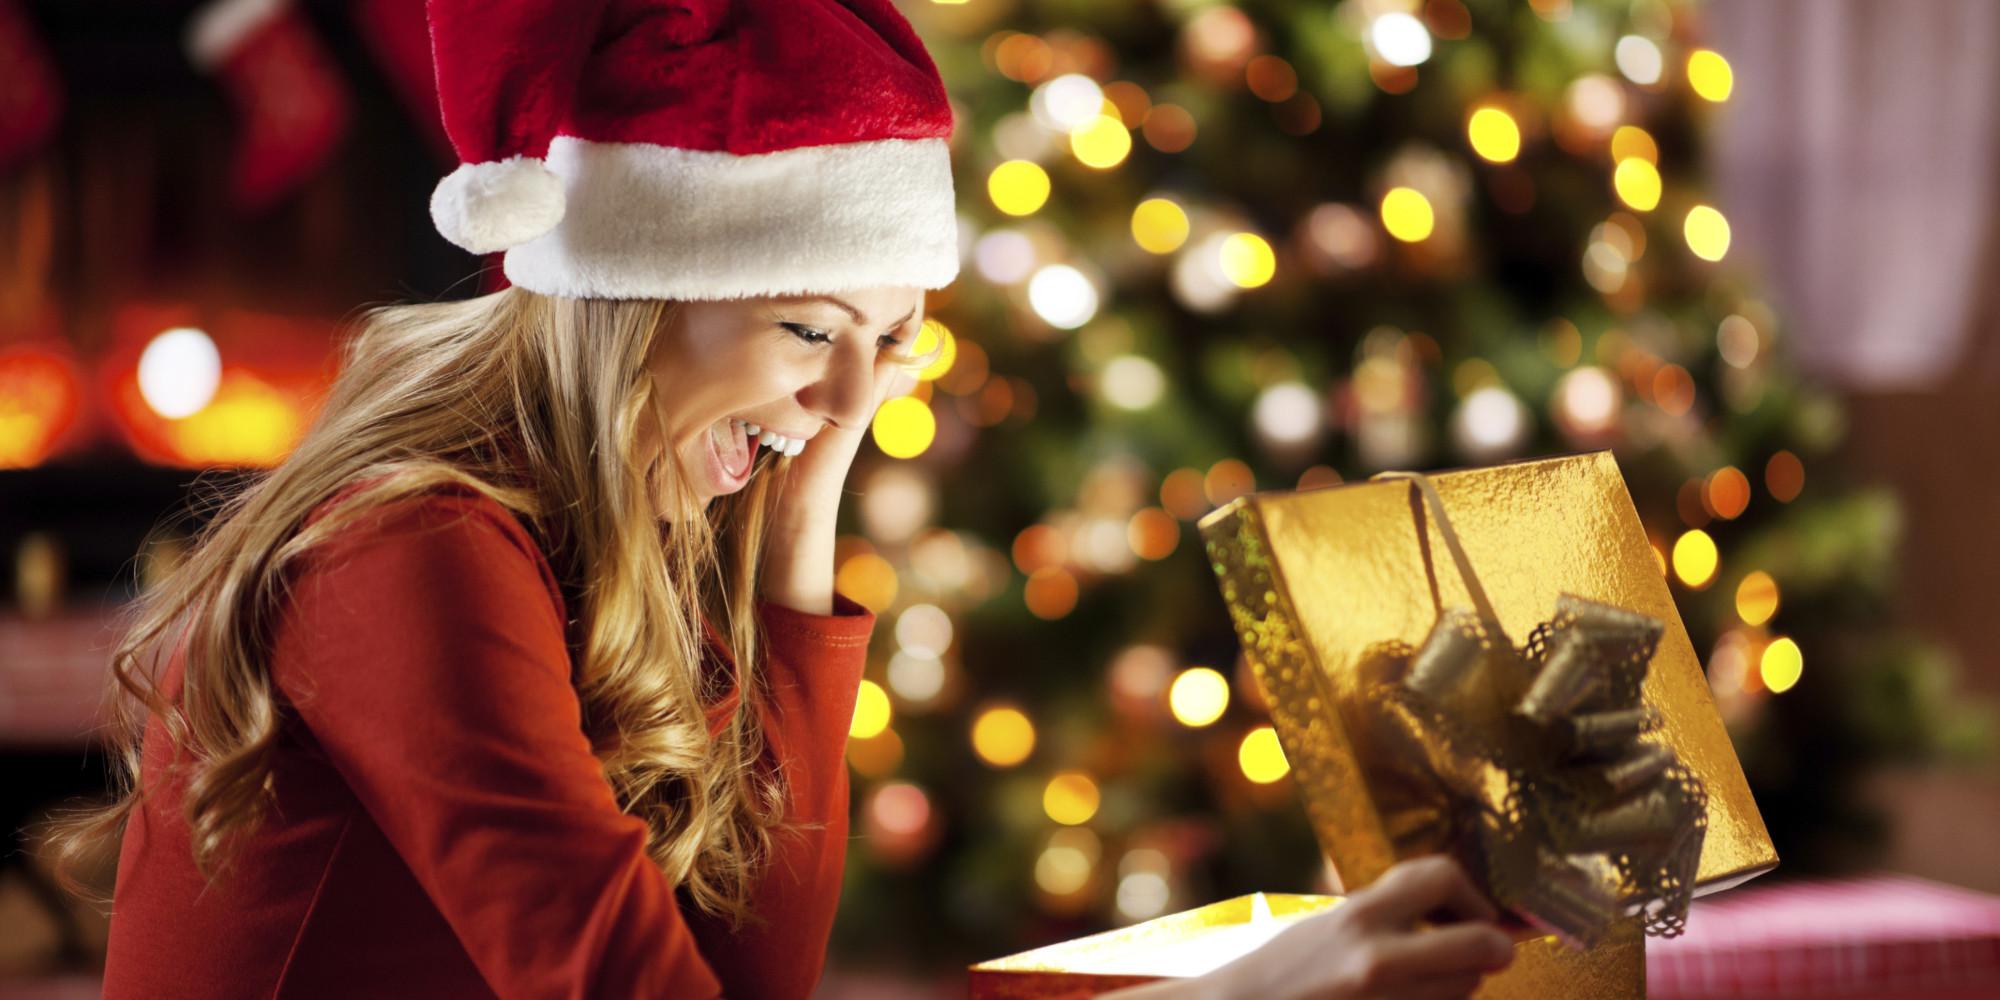 """今年的圣诞节,祝福各位都能收到""""惊喜""""礼物哦!"""